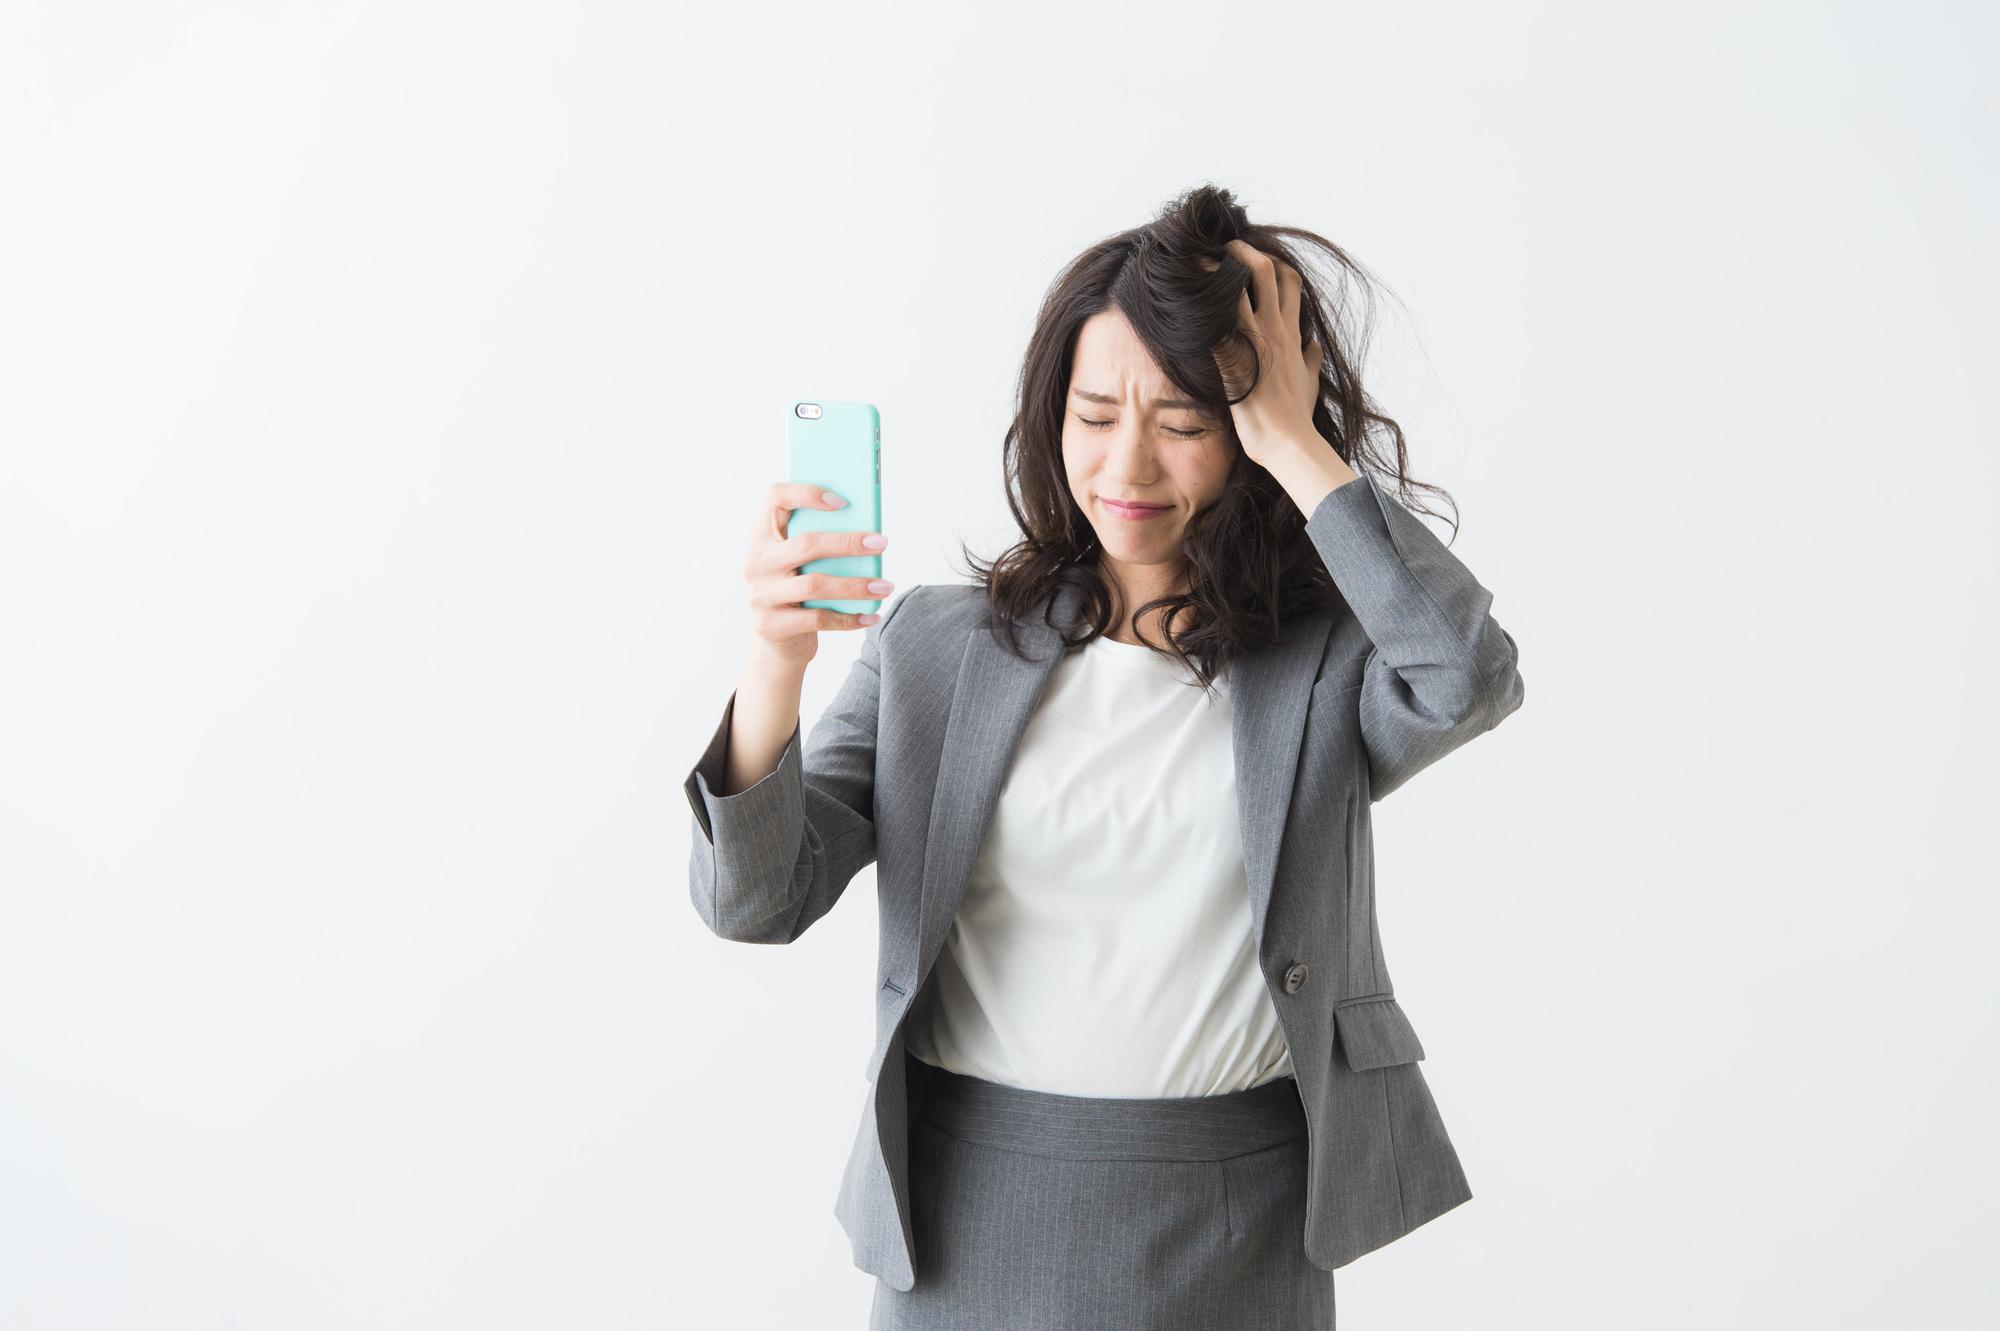 01_【簡単&確実】iPhoneで削除した写真を復元する方法